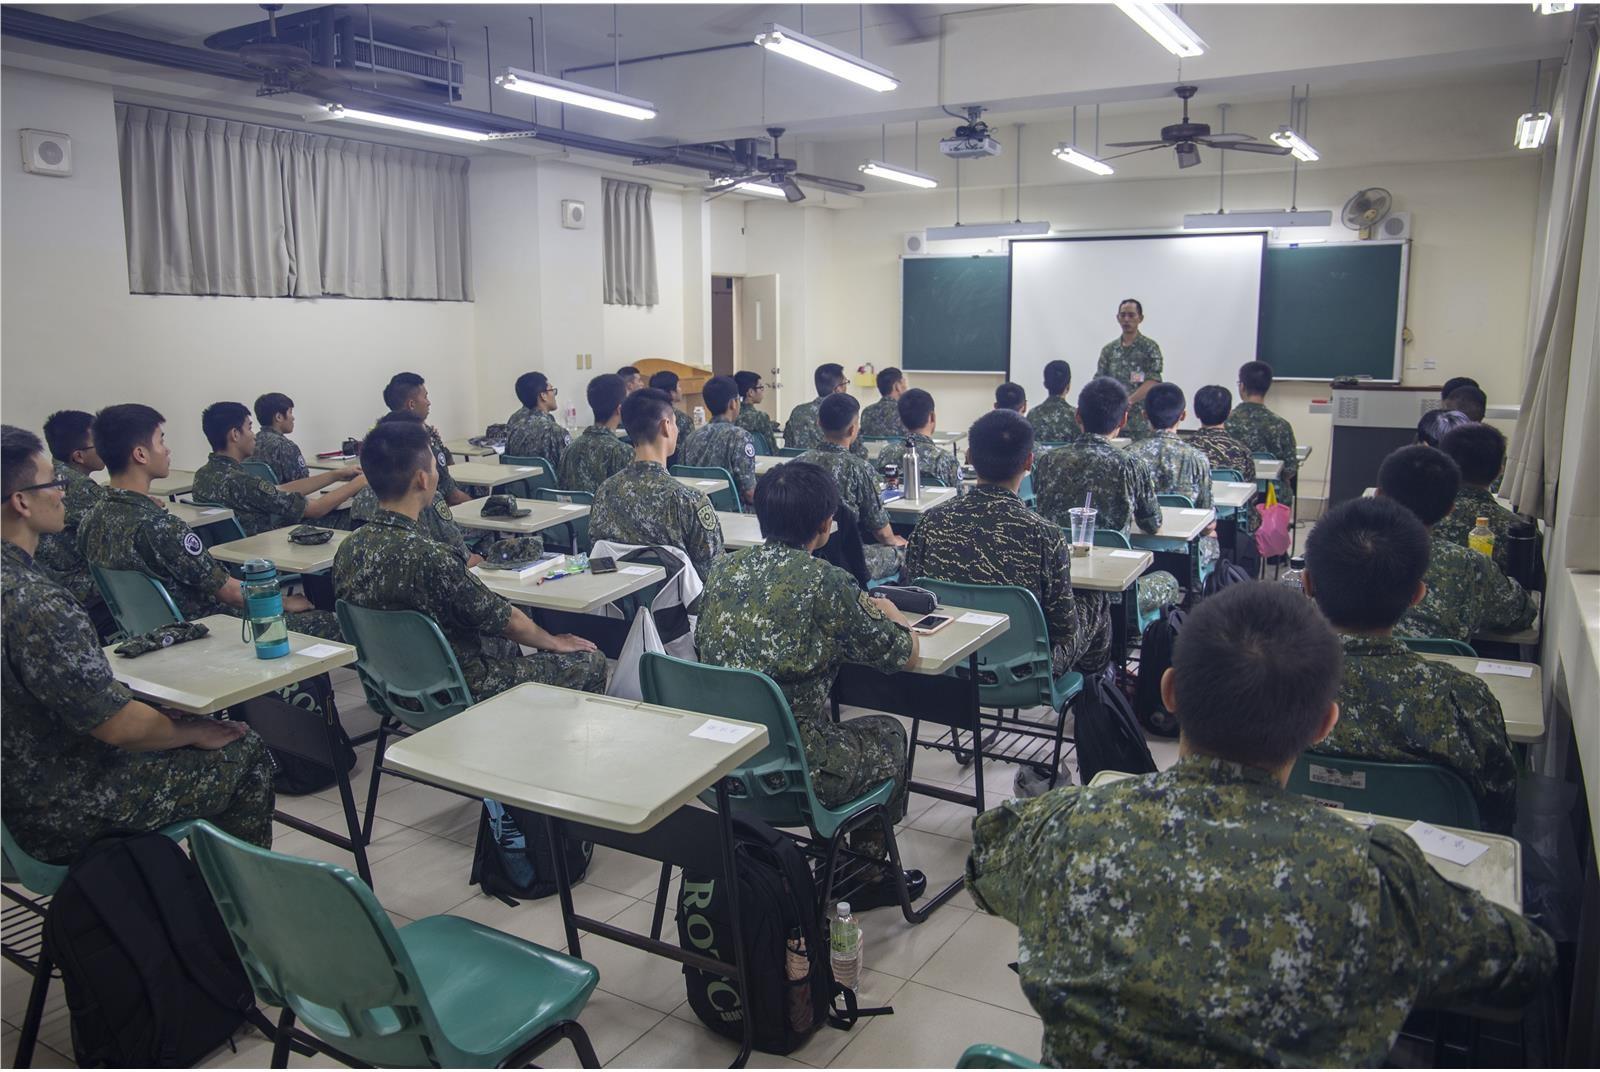 國防學士班,軍人,國軍,特效藥,預備軍官訓練團,菁英,國防生